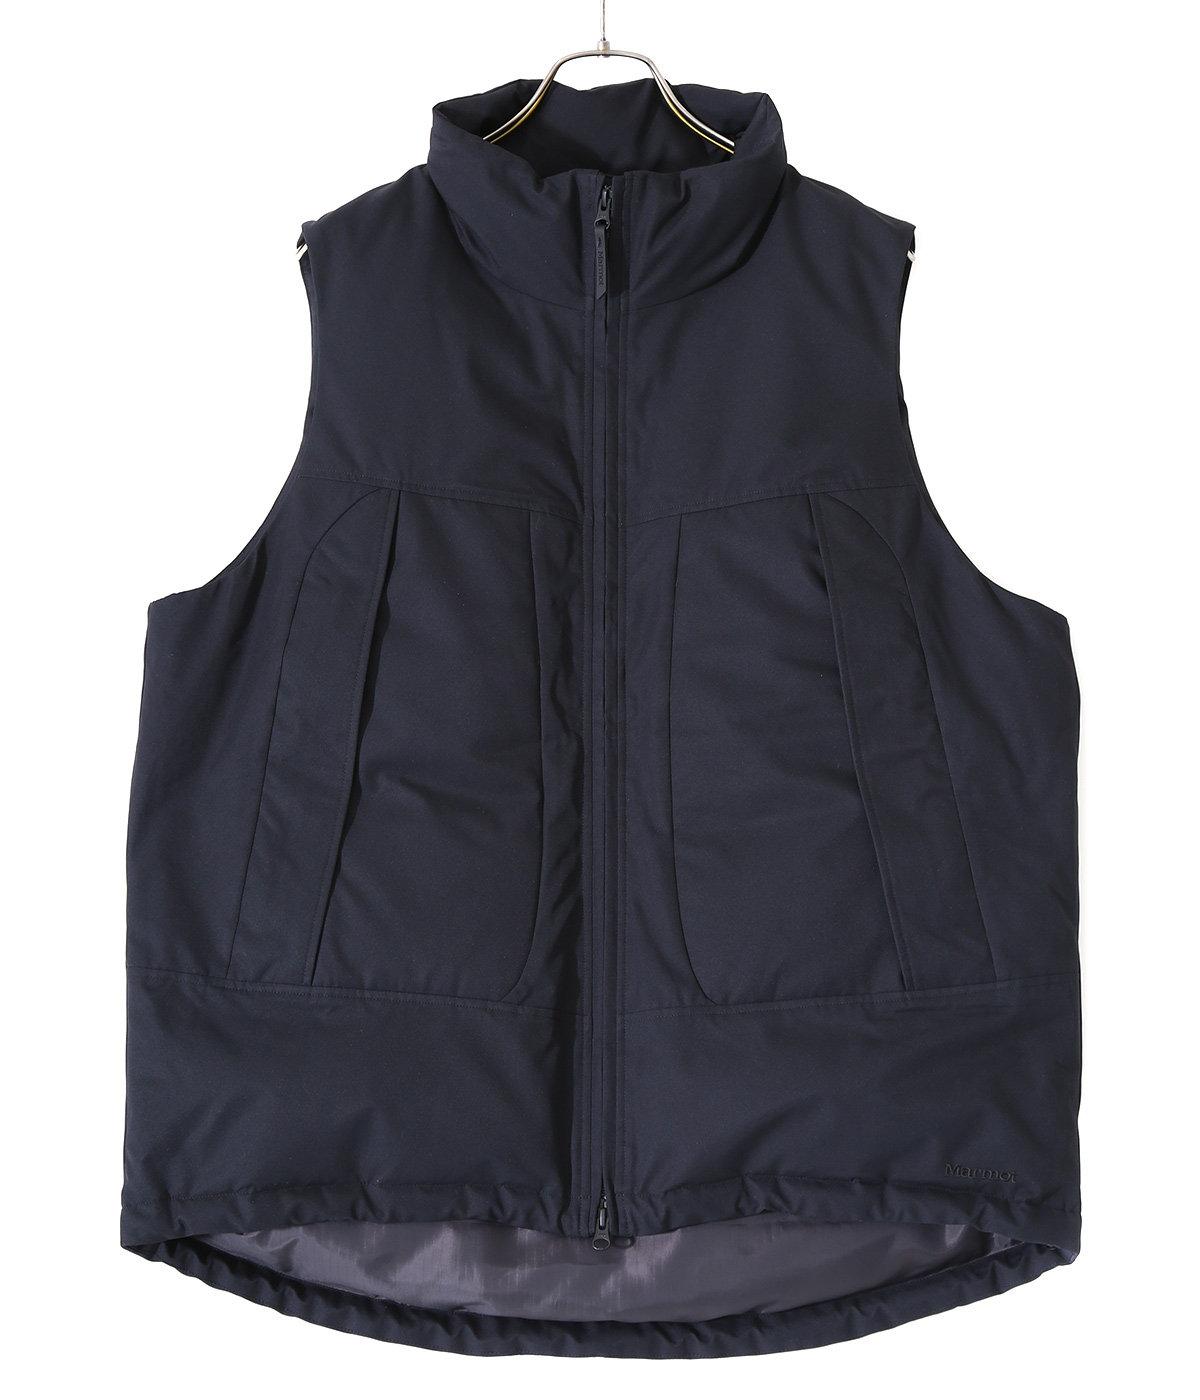 【予約】【ONLY ARK】別注 Down Vest (GORE-TEX INFINIUM 1000Fill)